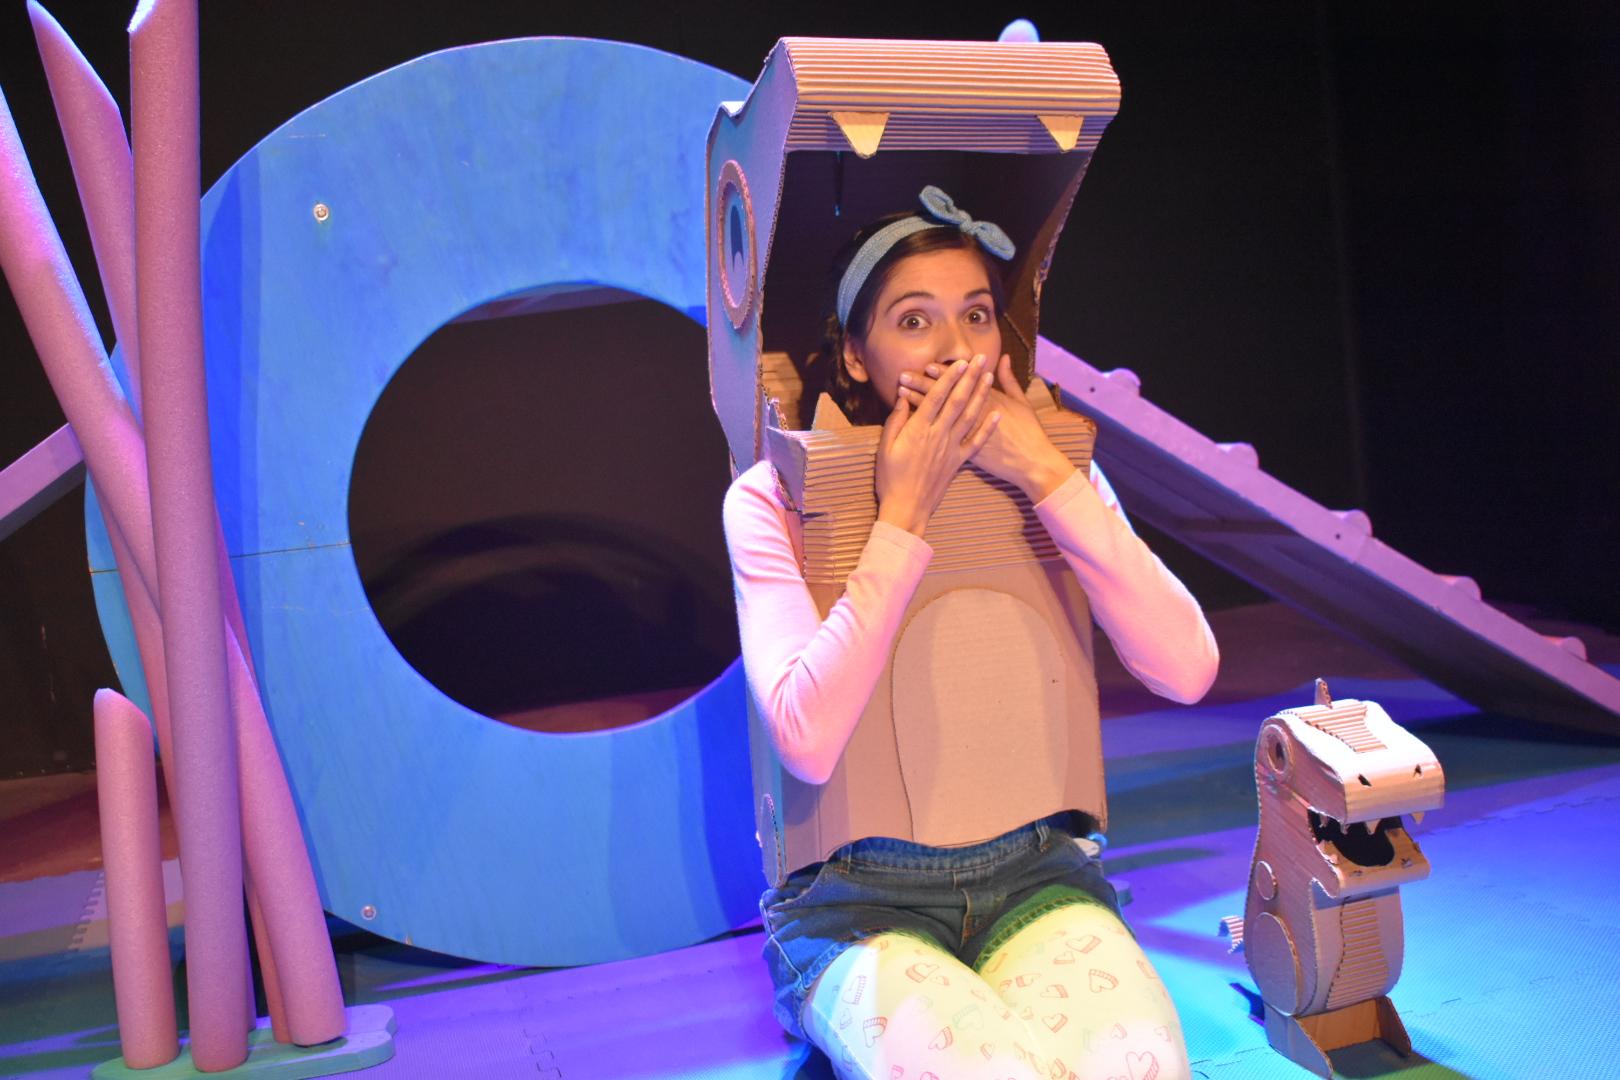 Llega teatro para niños de 3 a 6 años a Foro Periplo